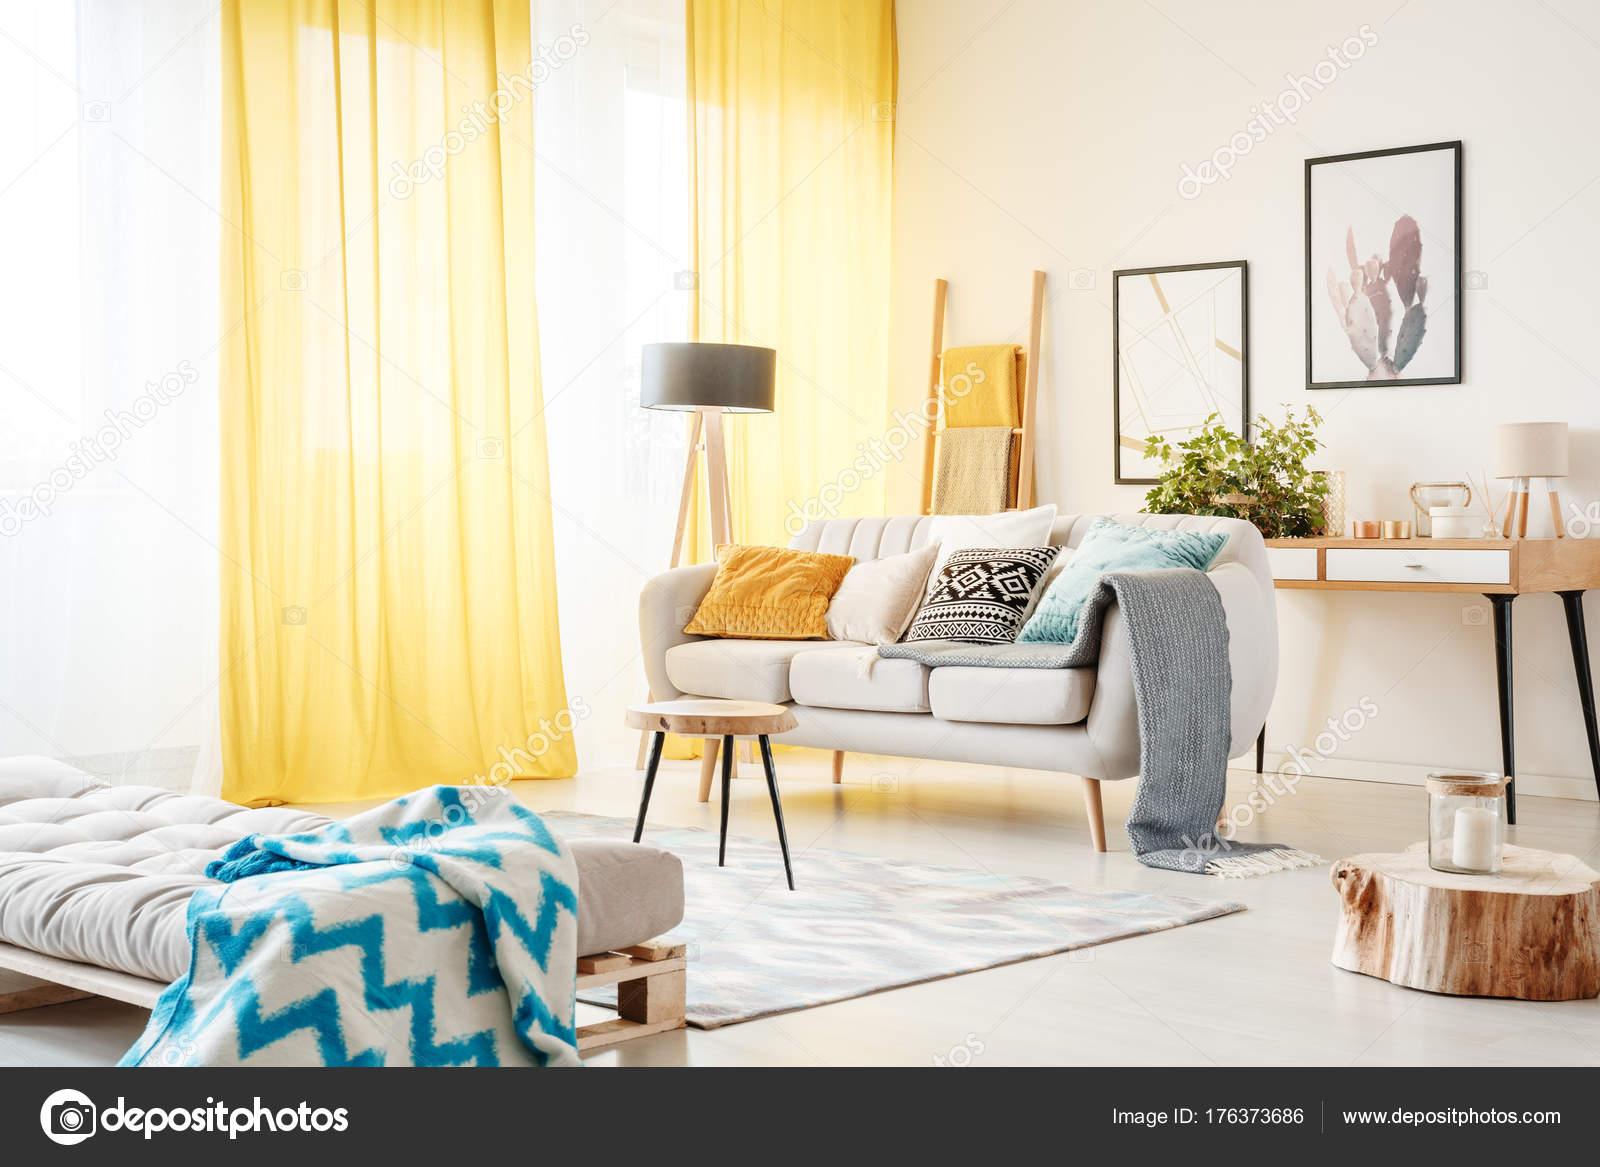 Woonkamer met gele gordijnen — Stockfoto © photographee.eu #176373686